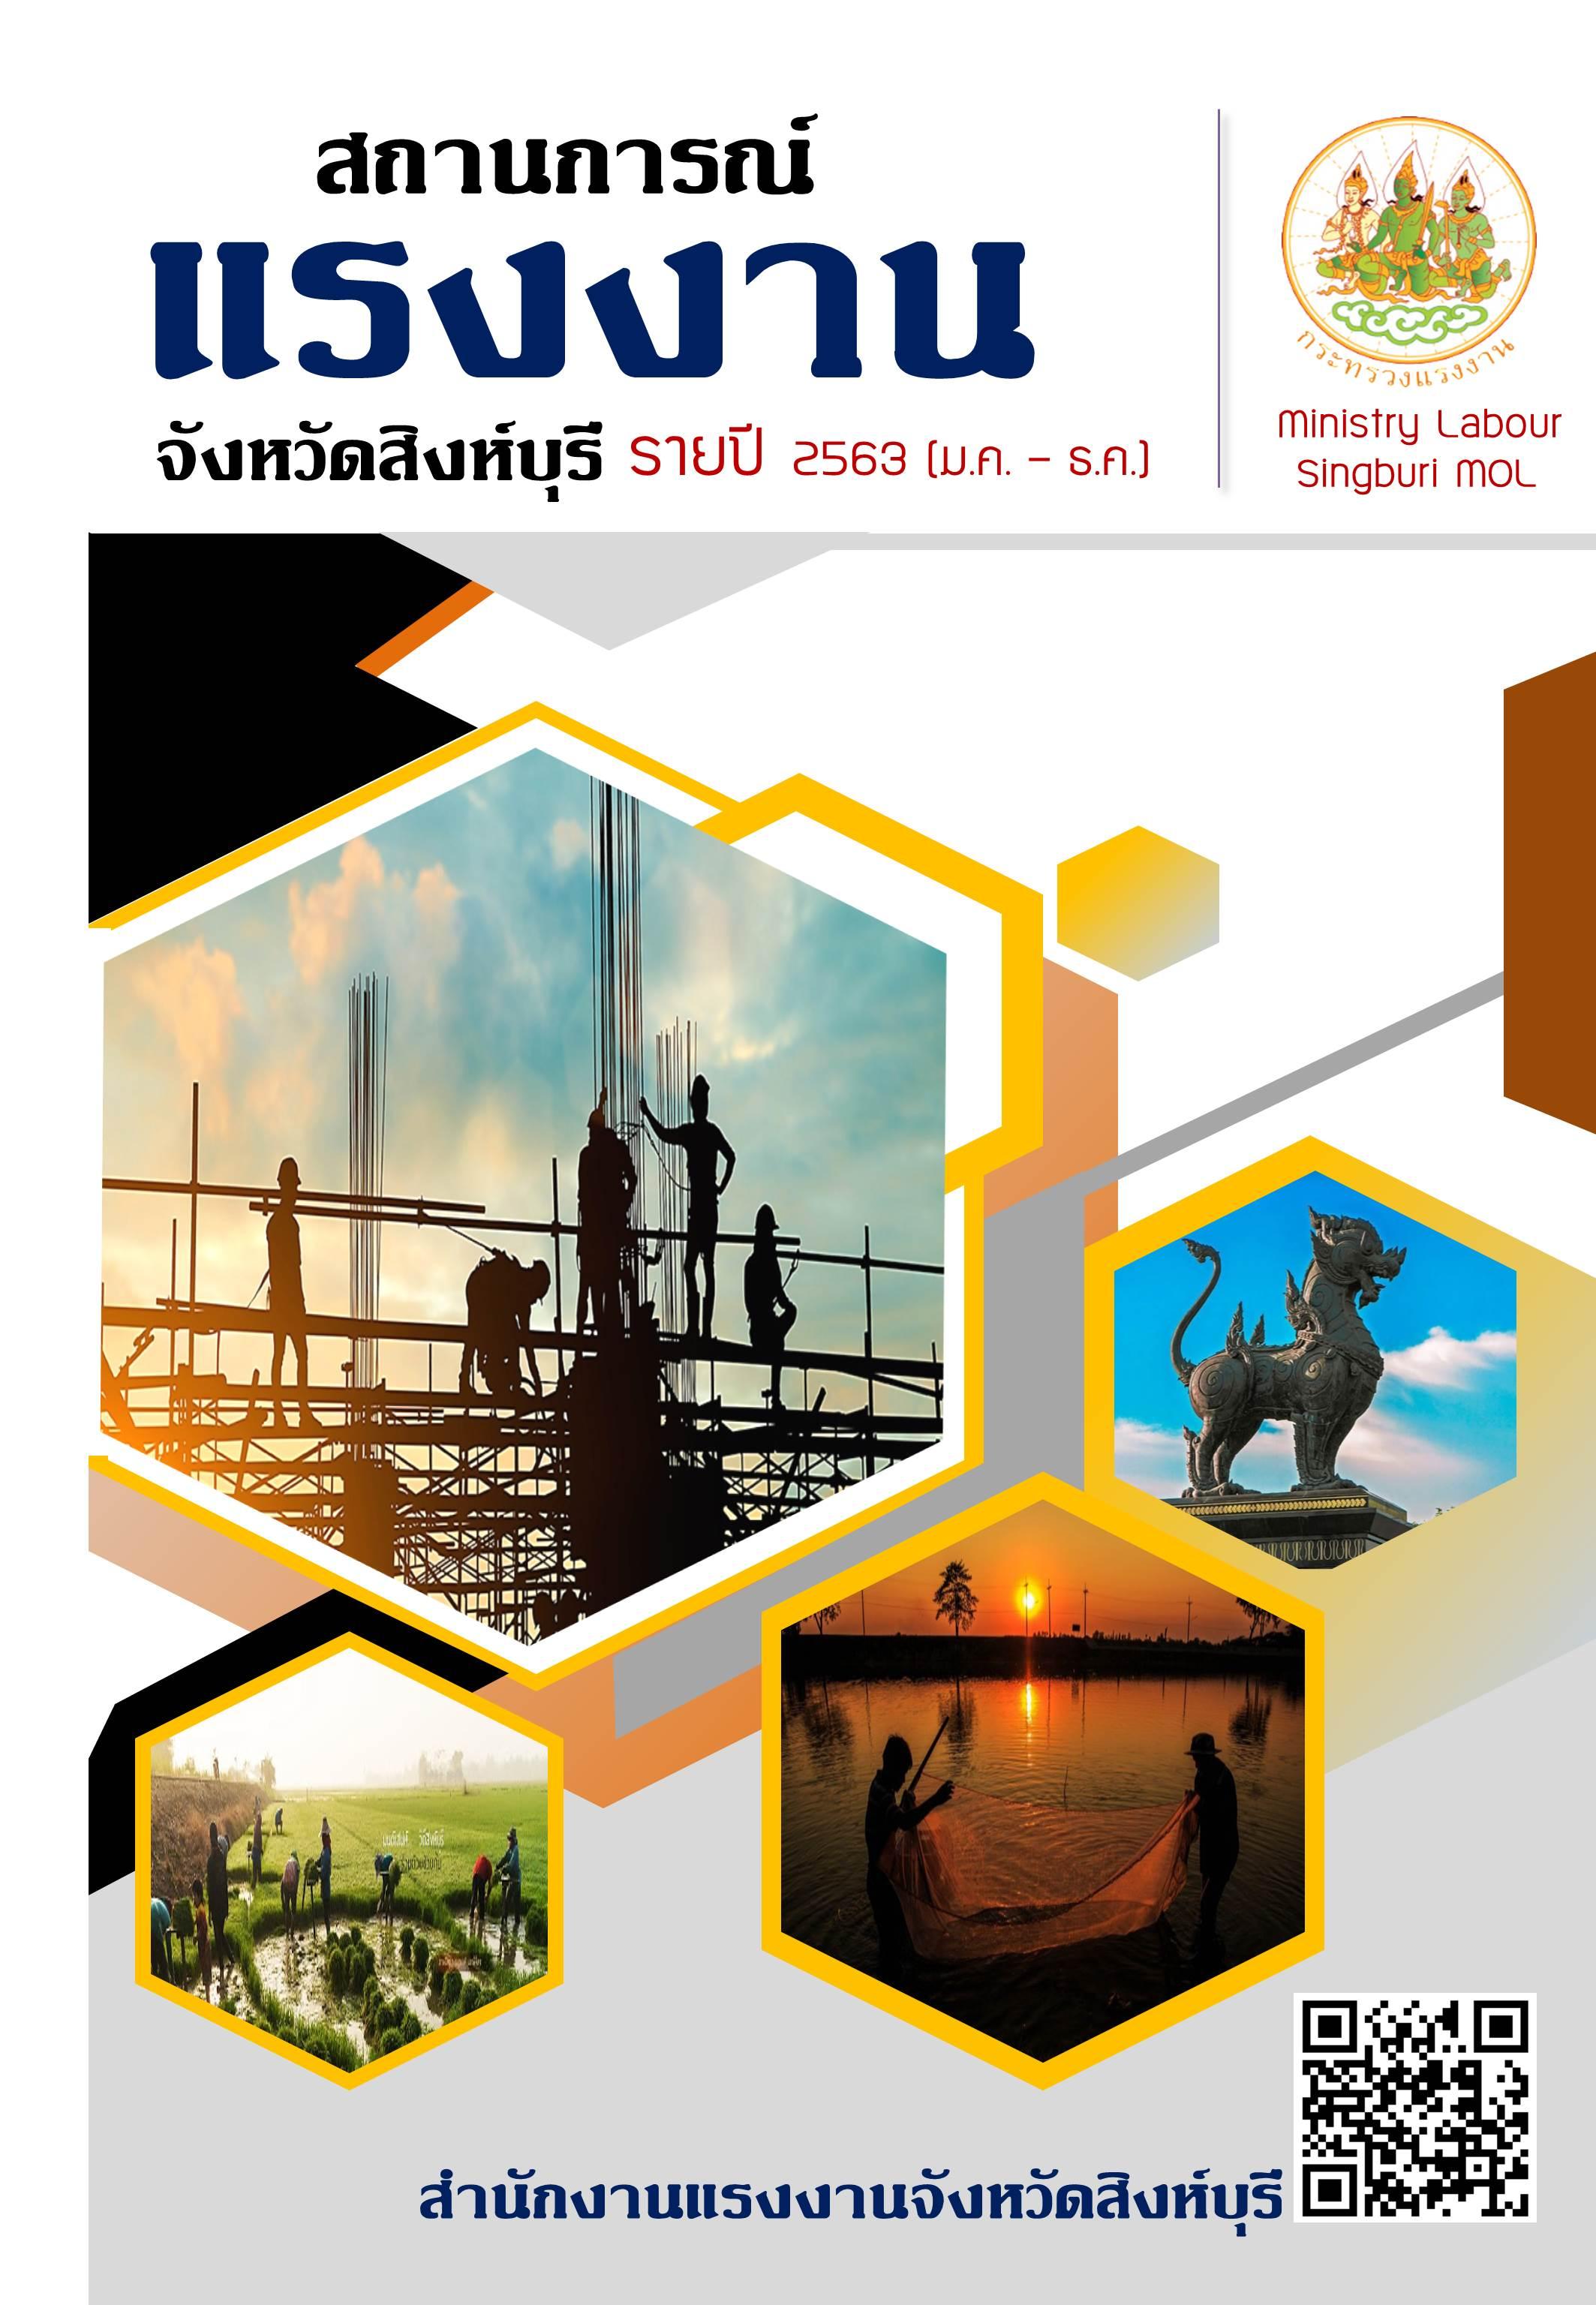 รายงานสถานการณ์แรงงานและดัชนีชี้วัดภาวะแรงงานจังหวัดสิงห์บุรี รายปี 2563 (มกราคม – ธันวาคม) 2563